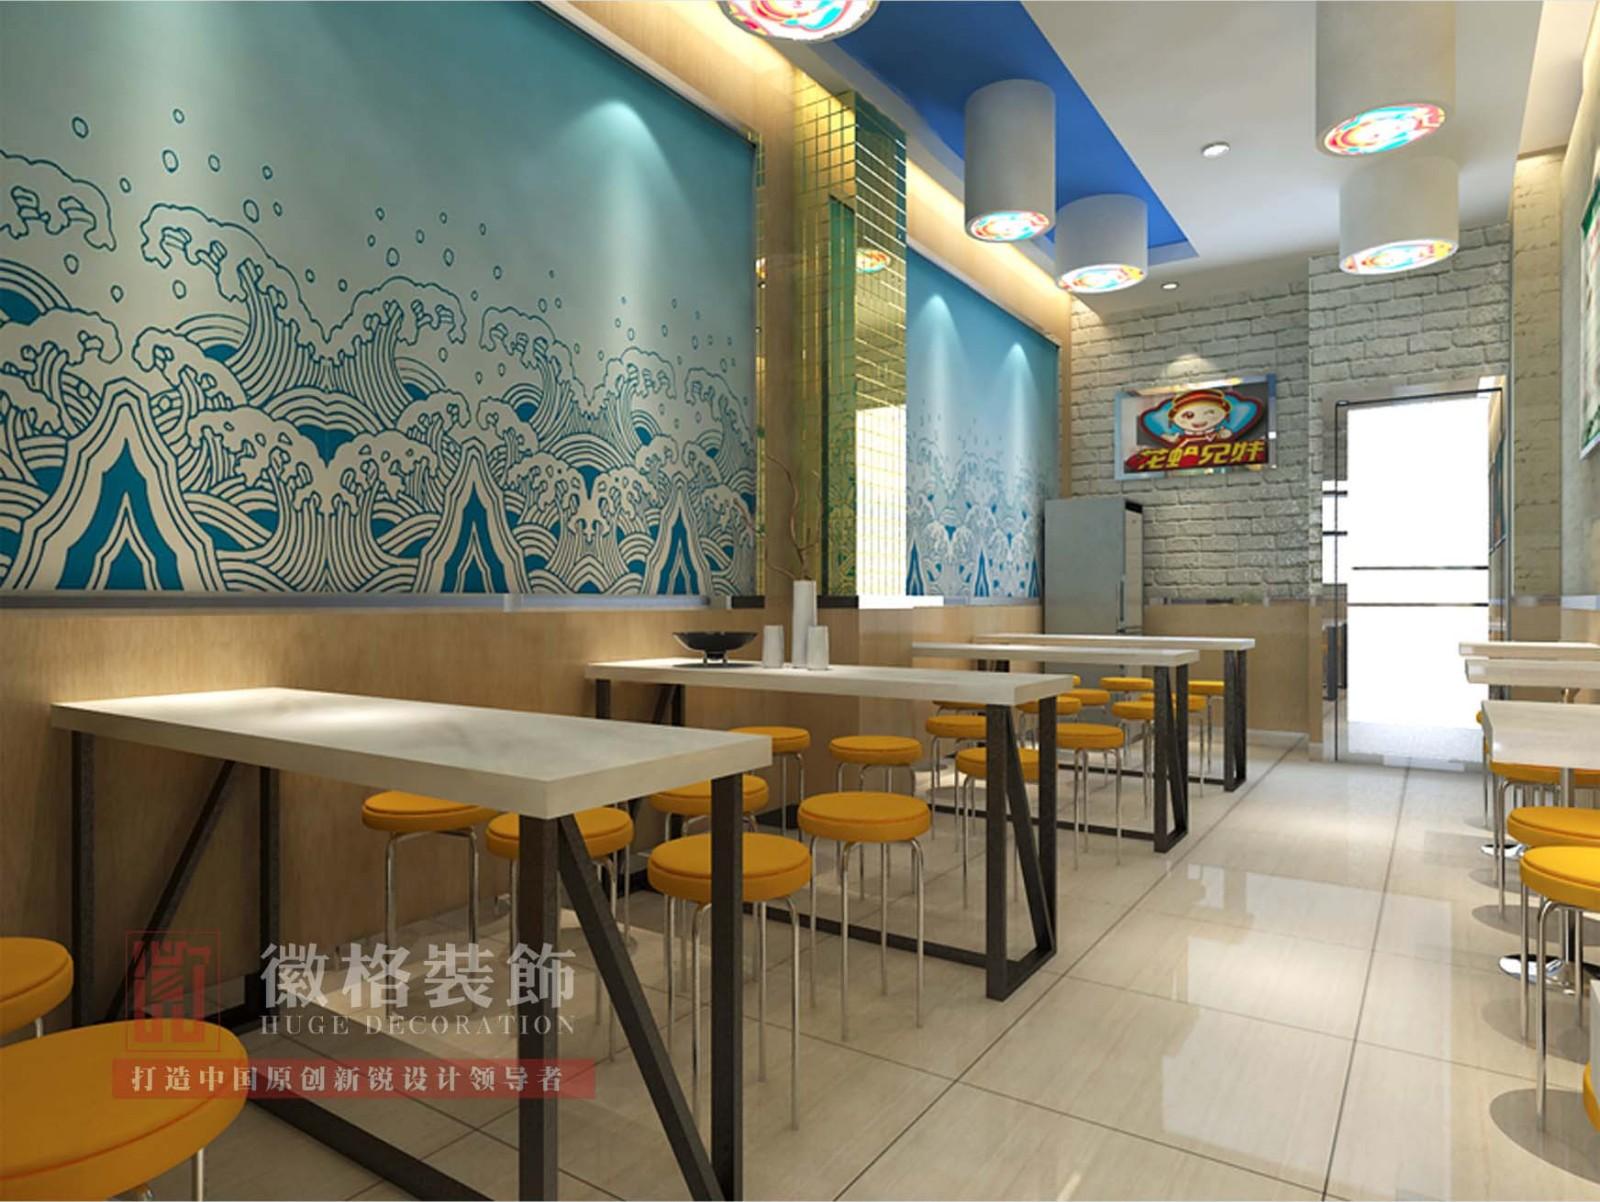 花蛤兄妹 商业空间 现代风格 - 徽格装饰原创新锐设计